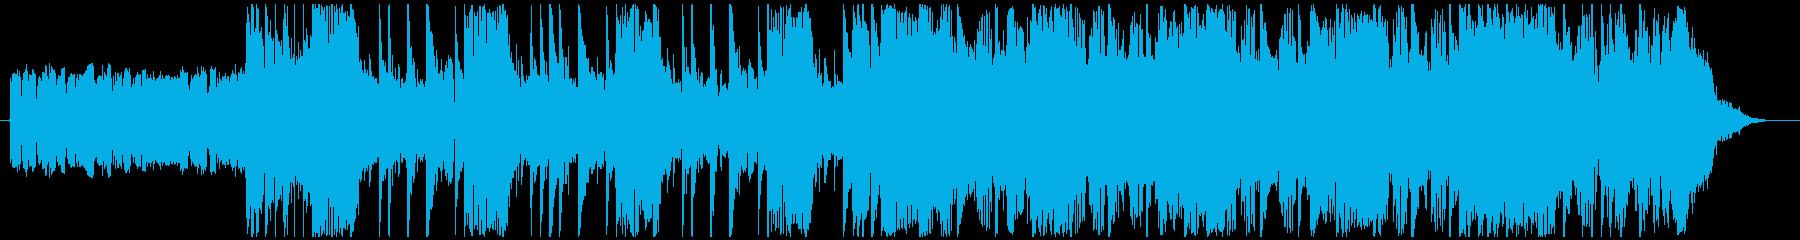 洋画で悪者が登場するシーンの曲-30秒の再生済みの波形